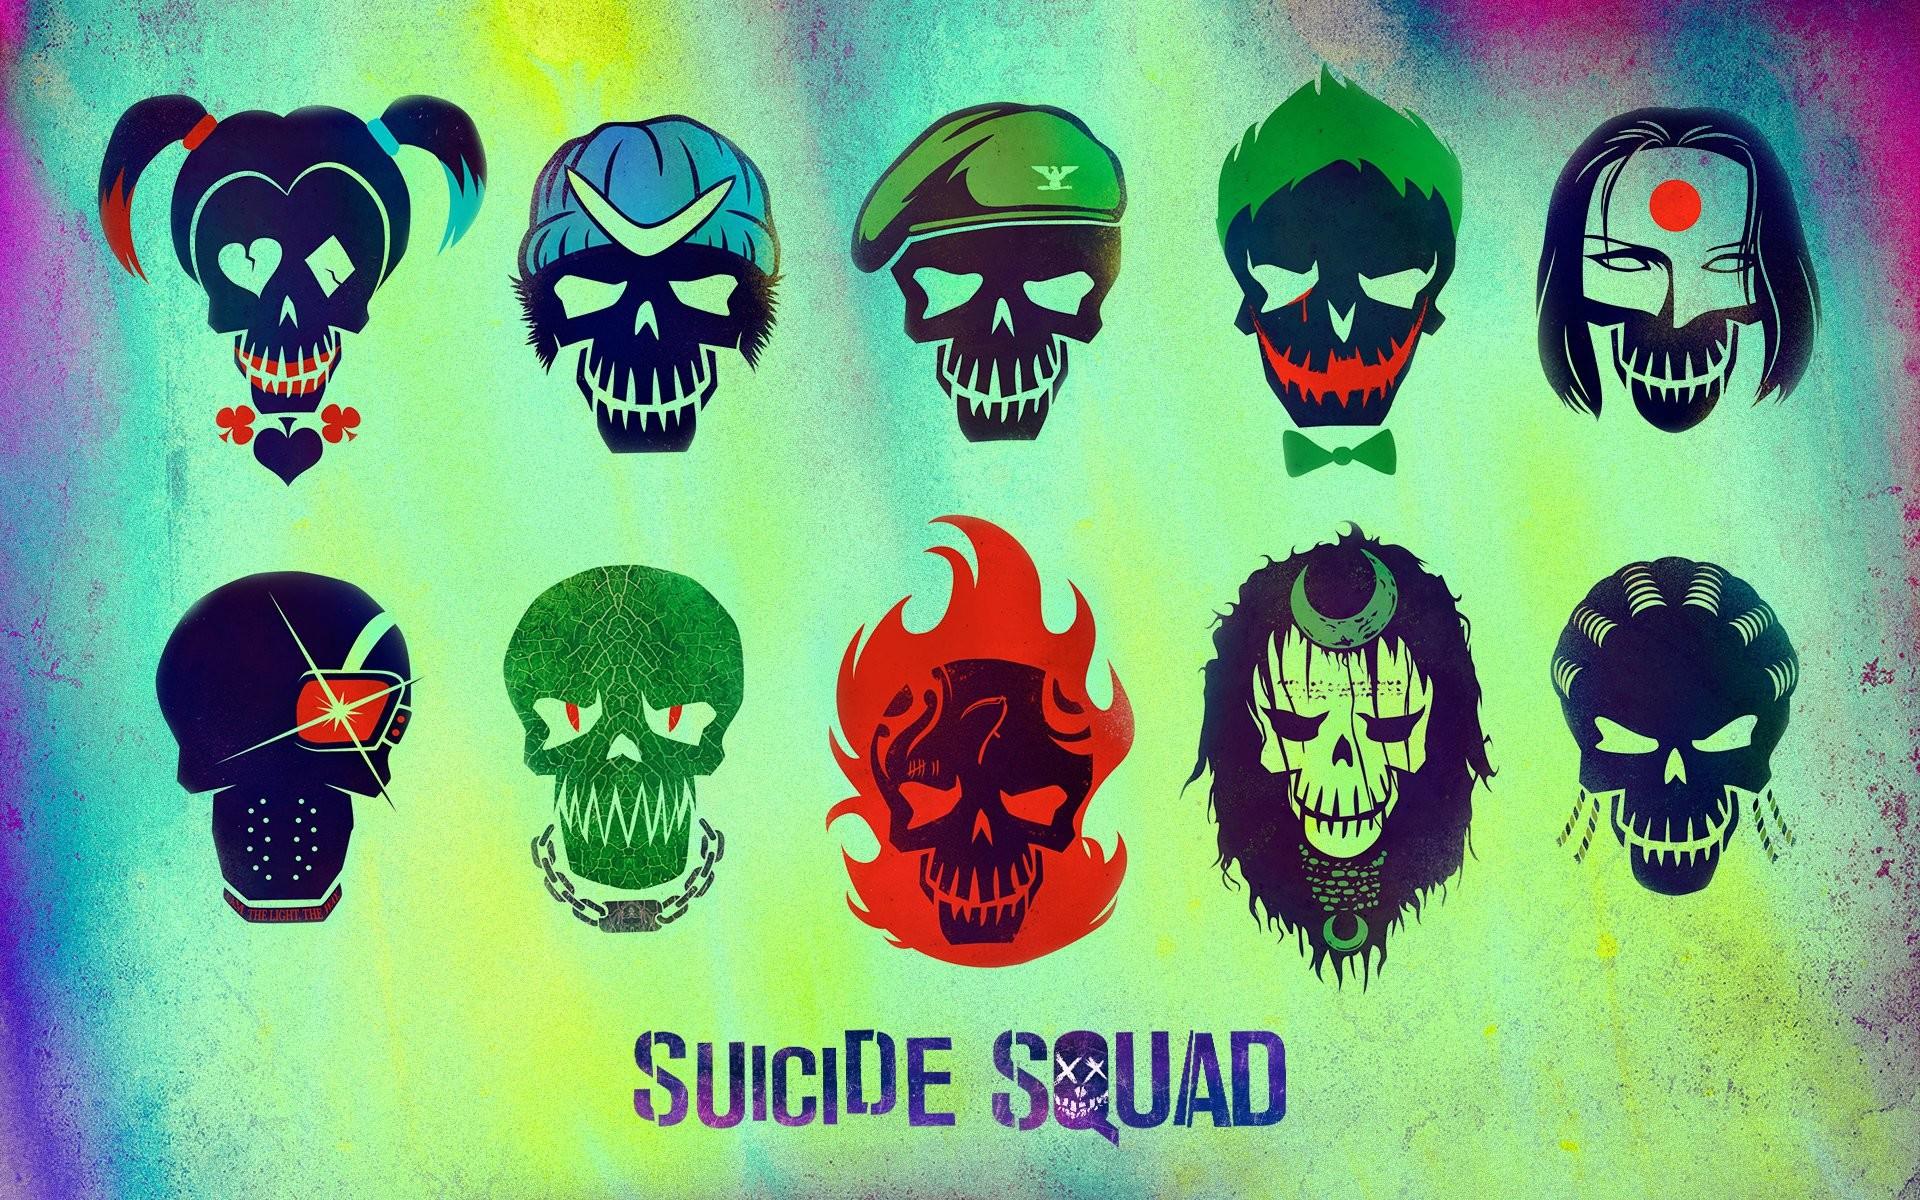 Suicide Squad Wallpaper Hd 71 Images